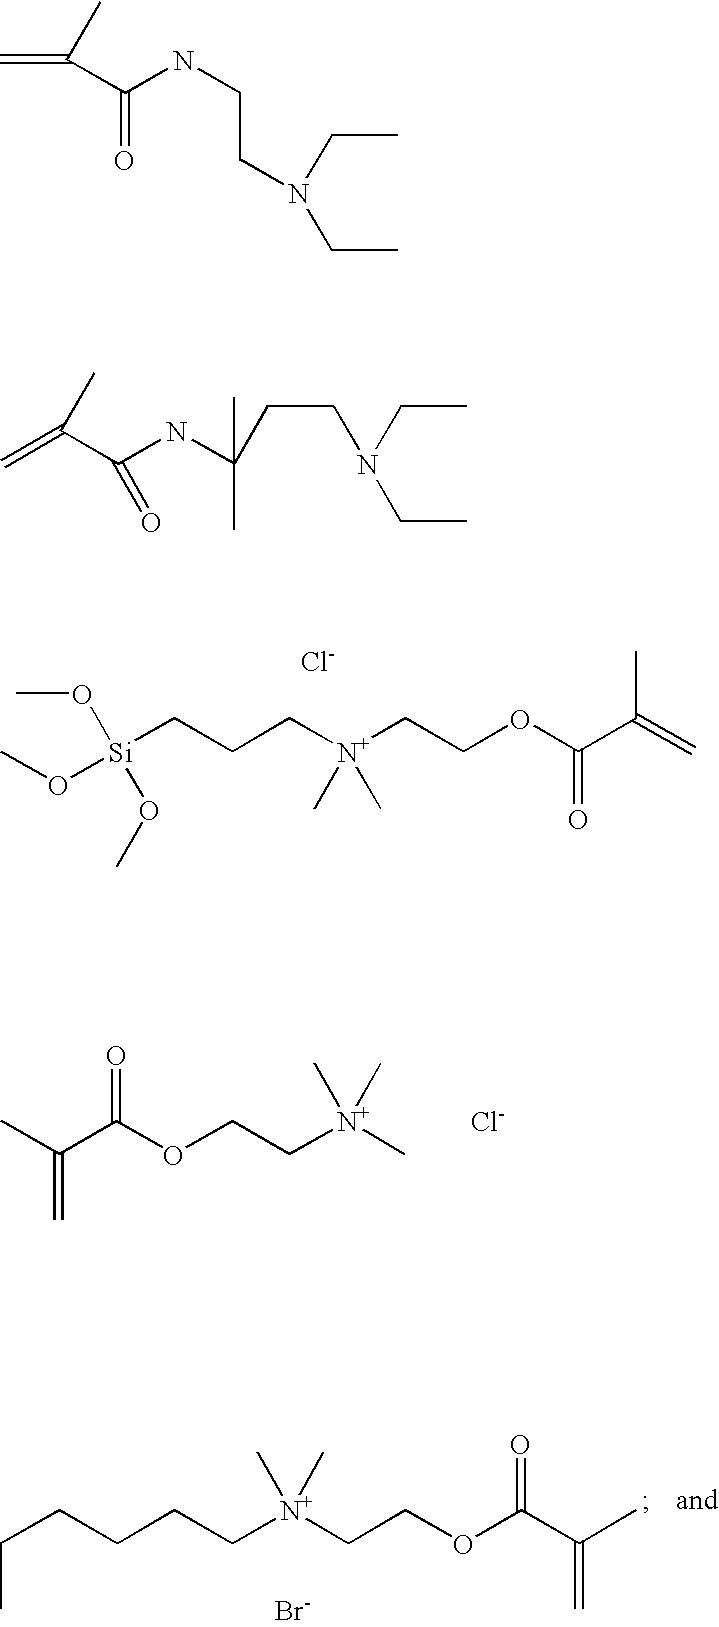 Figure US20100166844A1-20100701-C00024